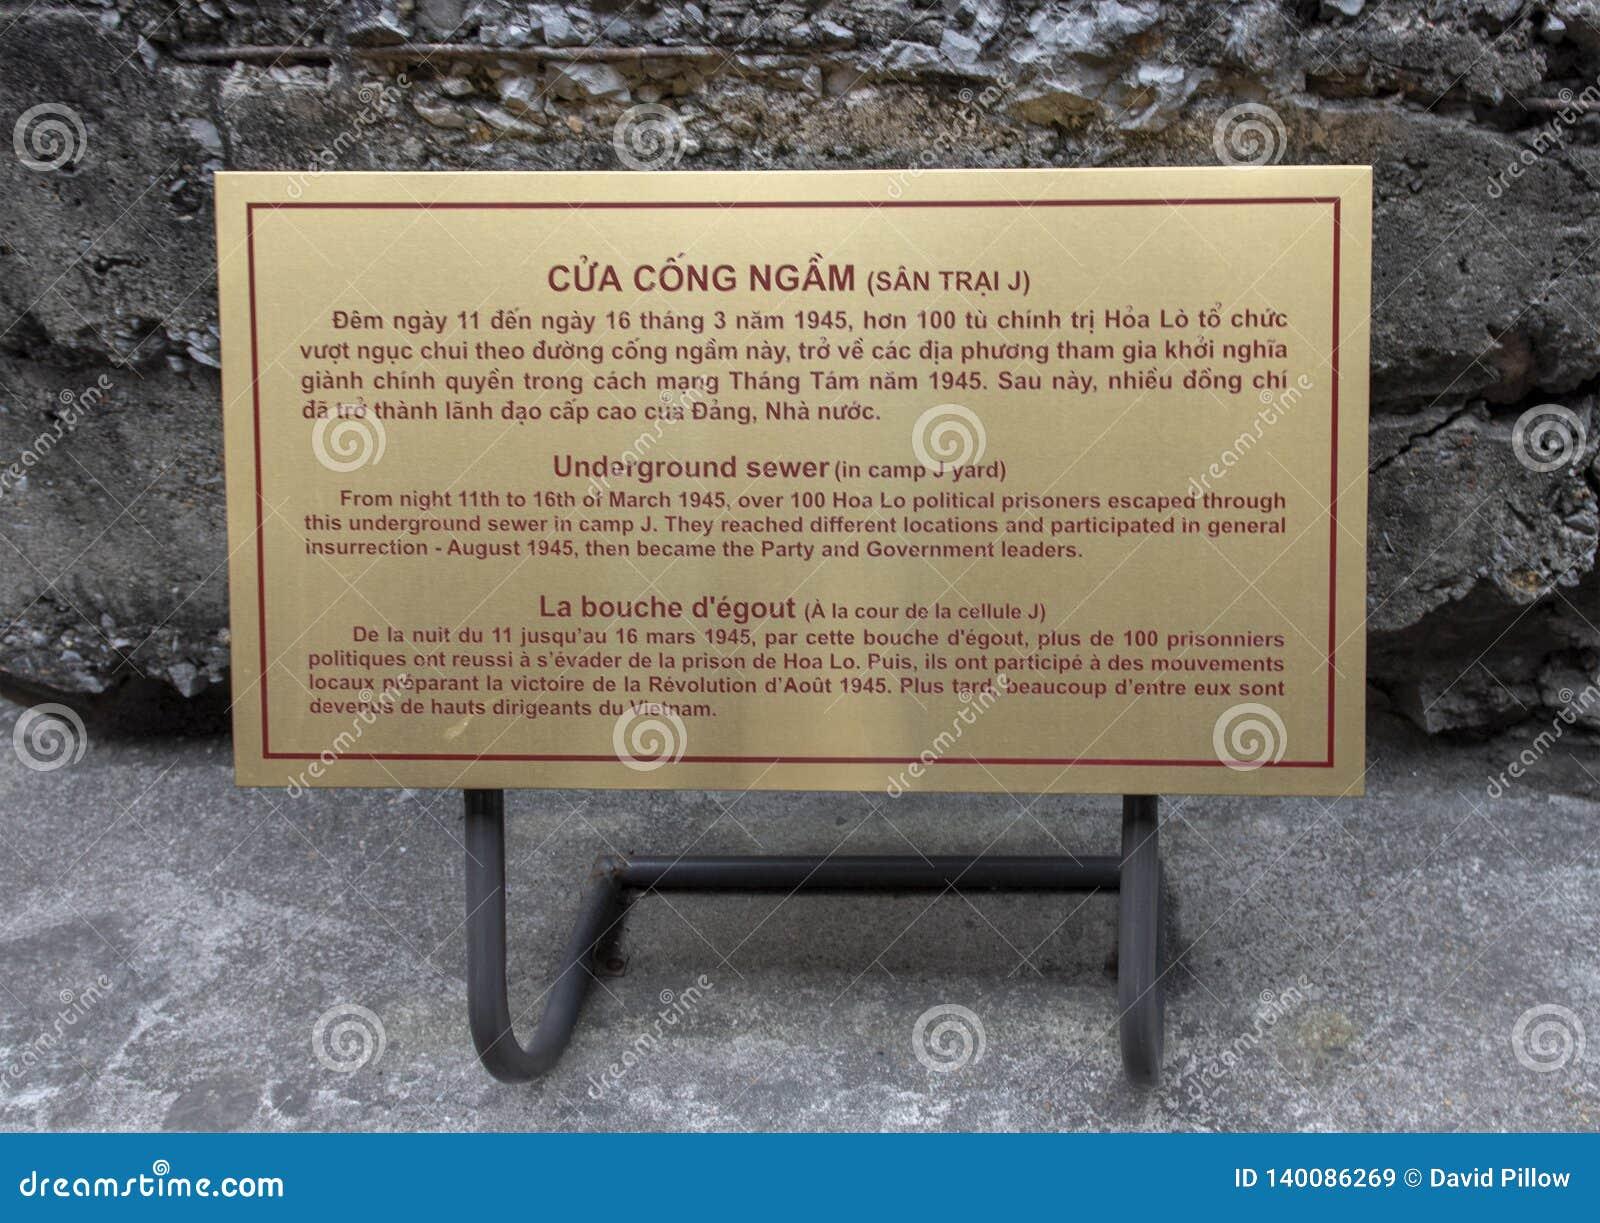 Chapa da informação para a via de fuga subterrânea do esgoto na exposição em Hao Lo Prison, Hanoi, Vietname